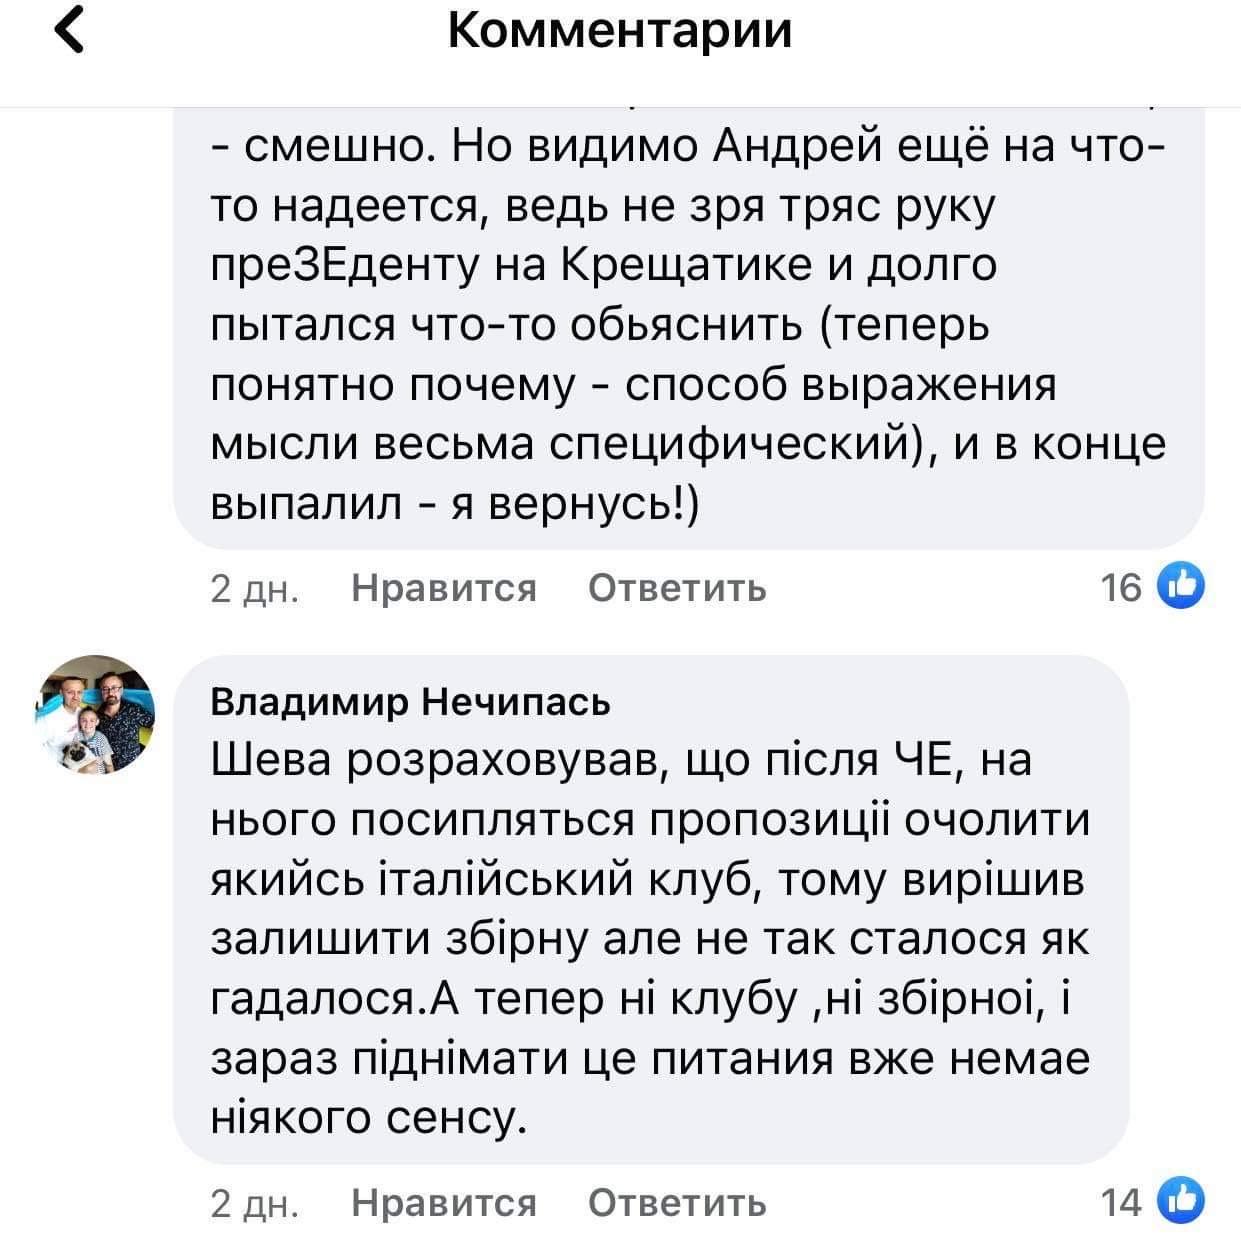 «До Евро говорил о работе в клубе, а после Евро клуба не оказалось»: как украинцы реагируют на заявление Шевченко - фото 6